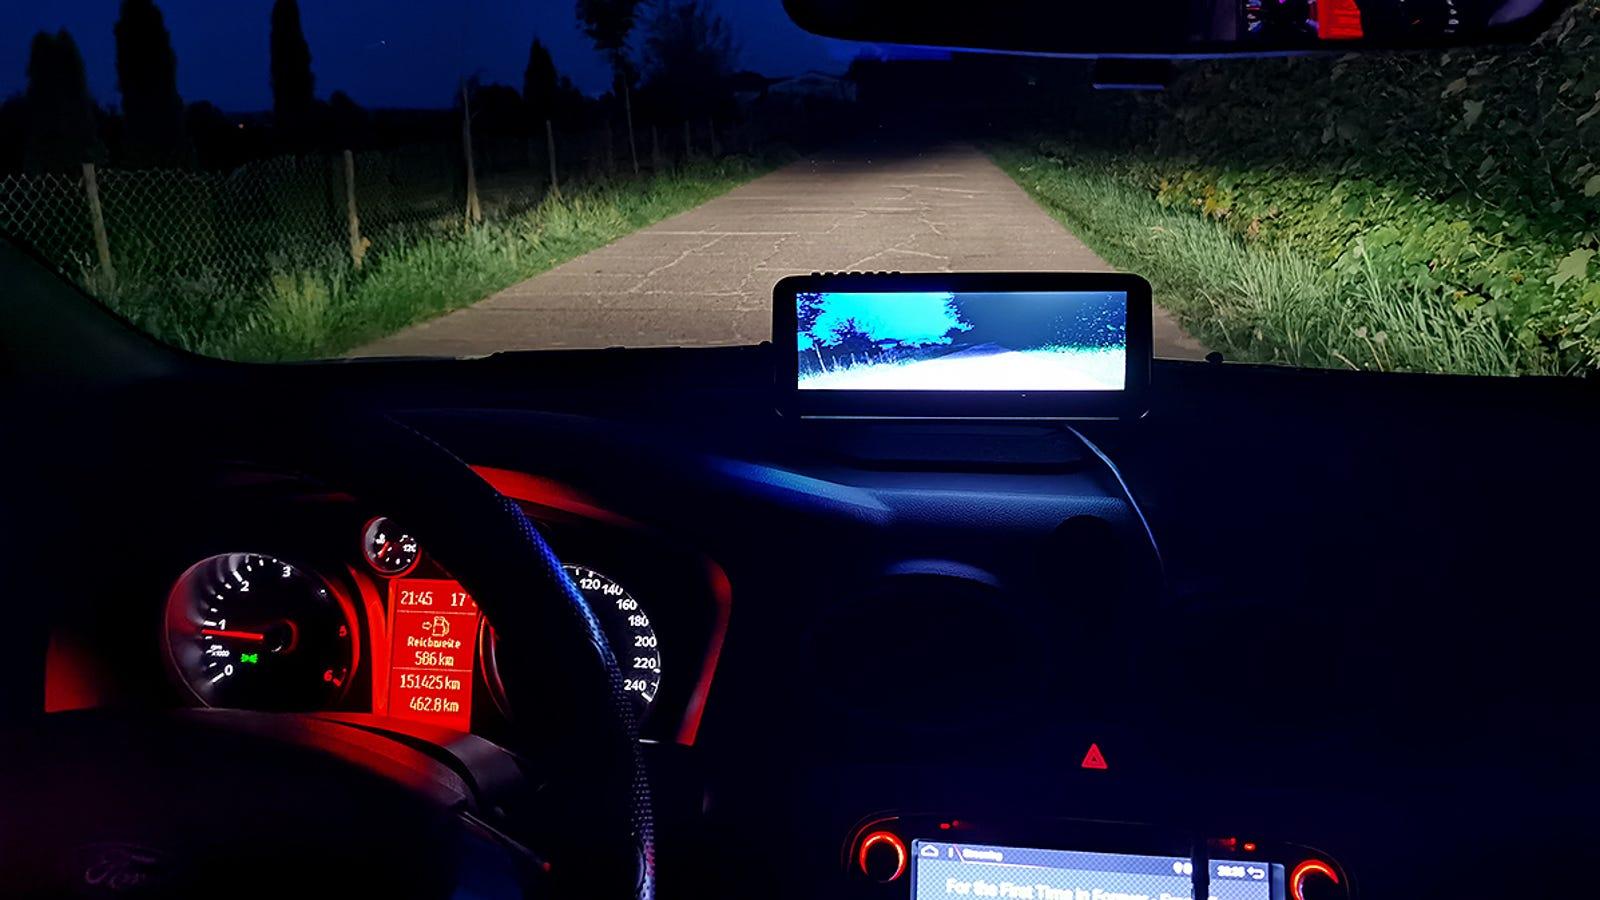 El Lanmodo Night Vision literalmente convierte la noche en día.